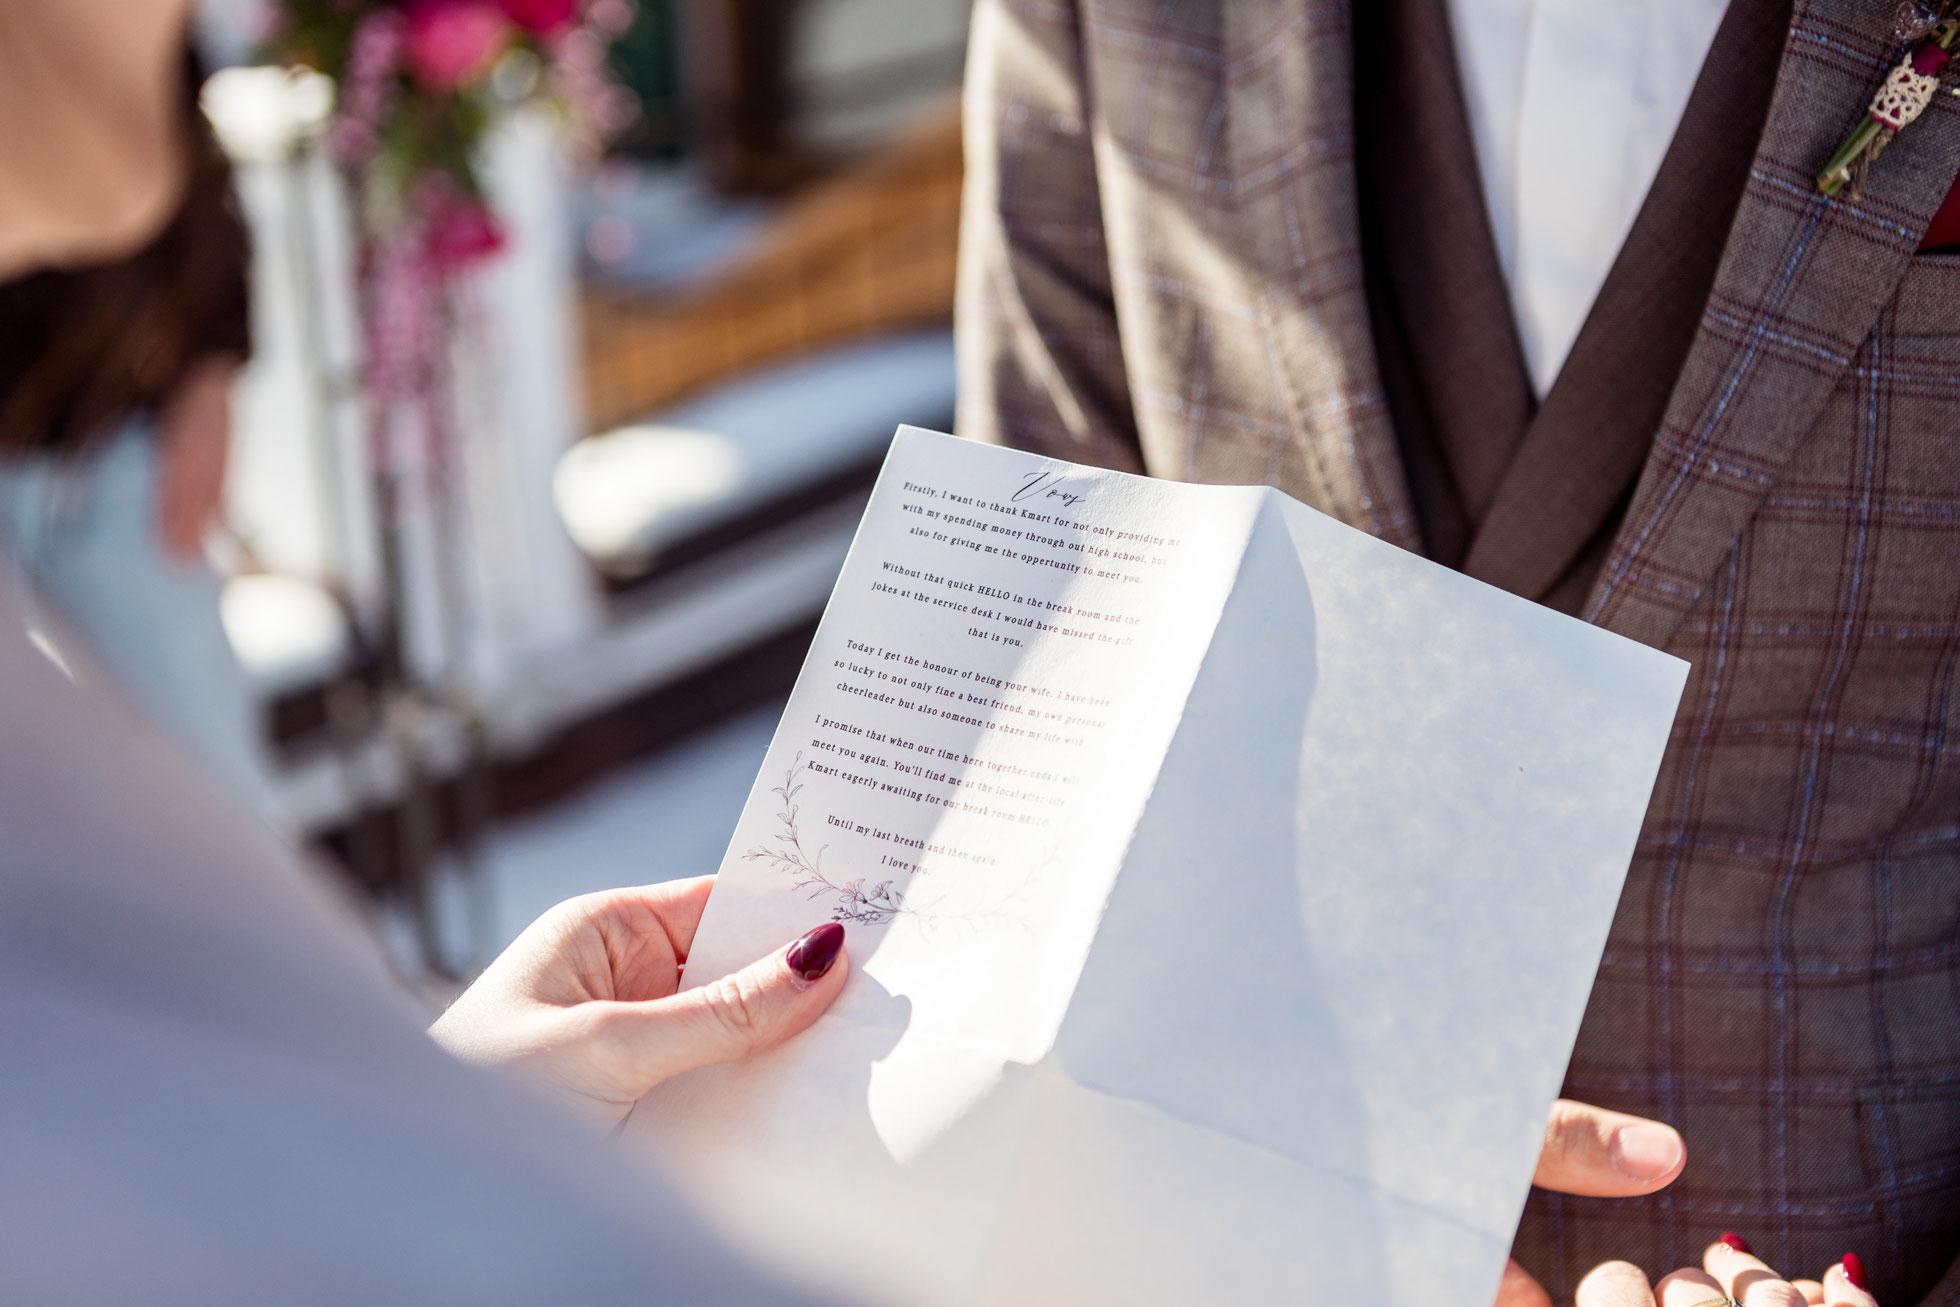 jawort trauversprechen ehegelbnis trauredner freie trauung - Ehegelobnis Beispiele